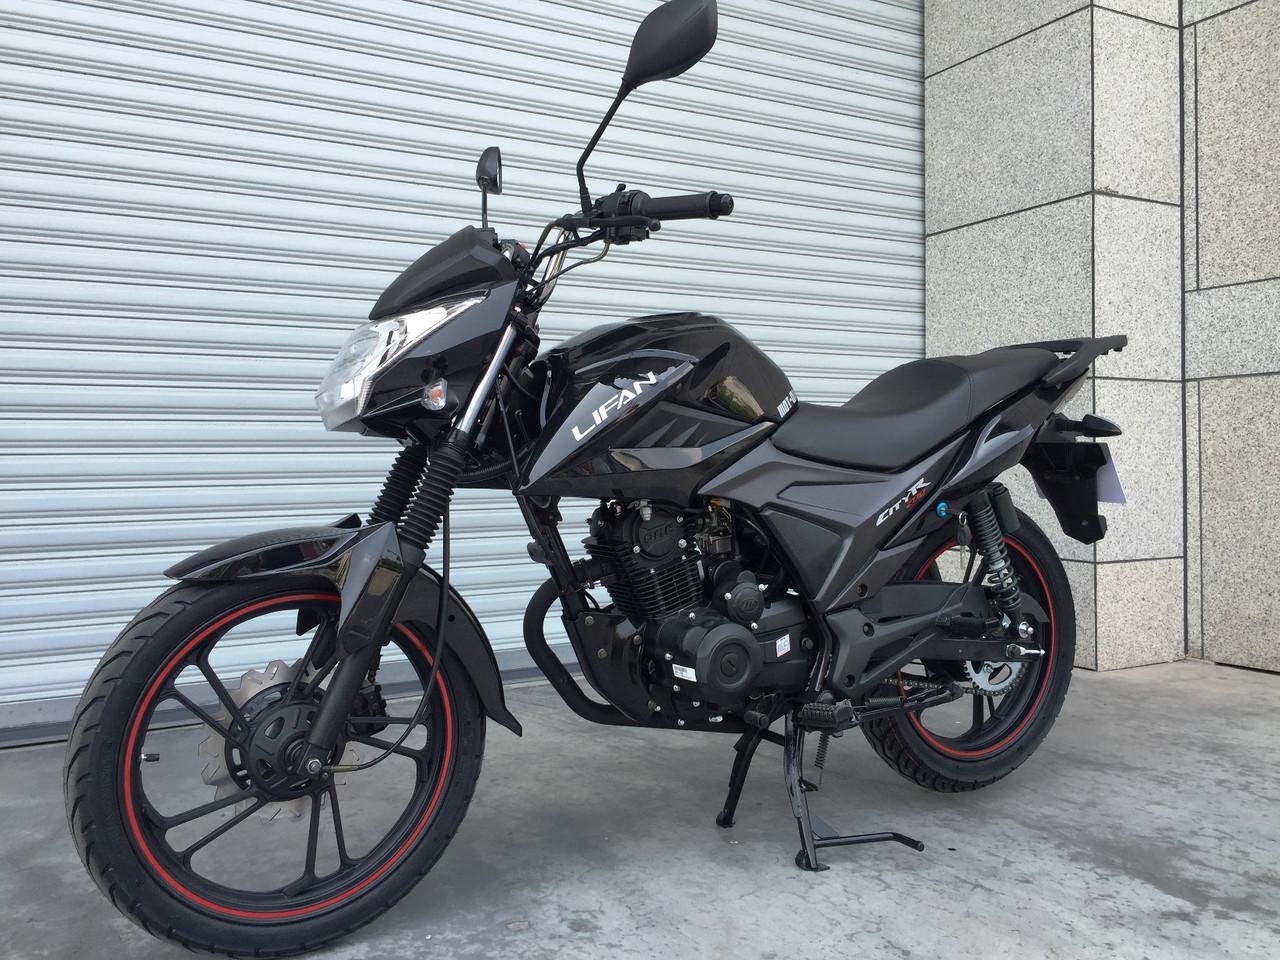 Дорожный мотоцикл Lifan 200 CiTyR (175 куб.см.)